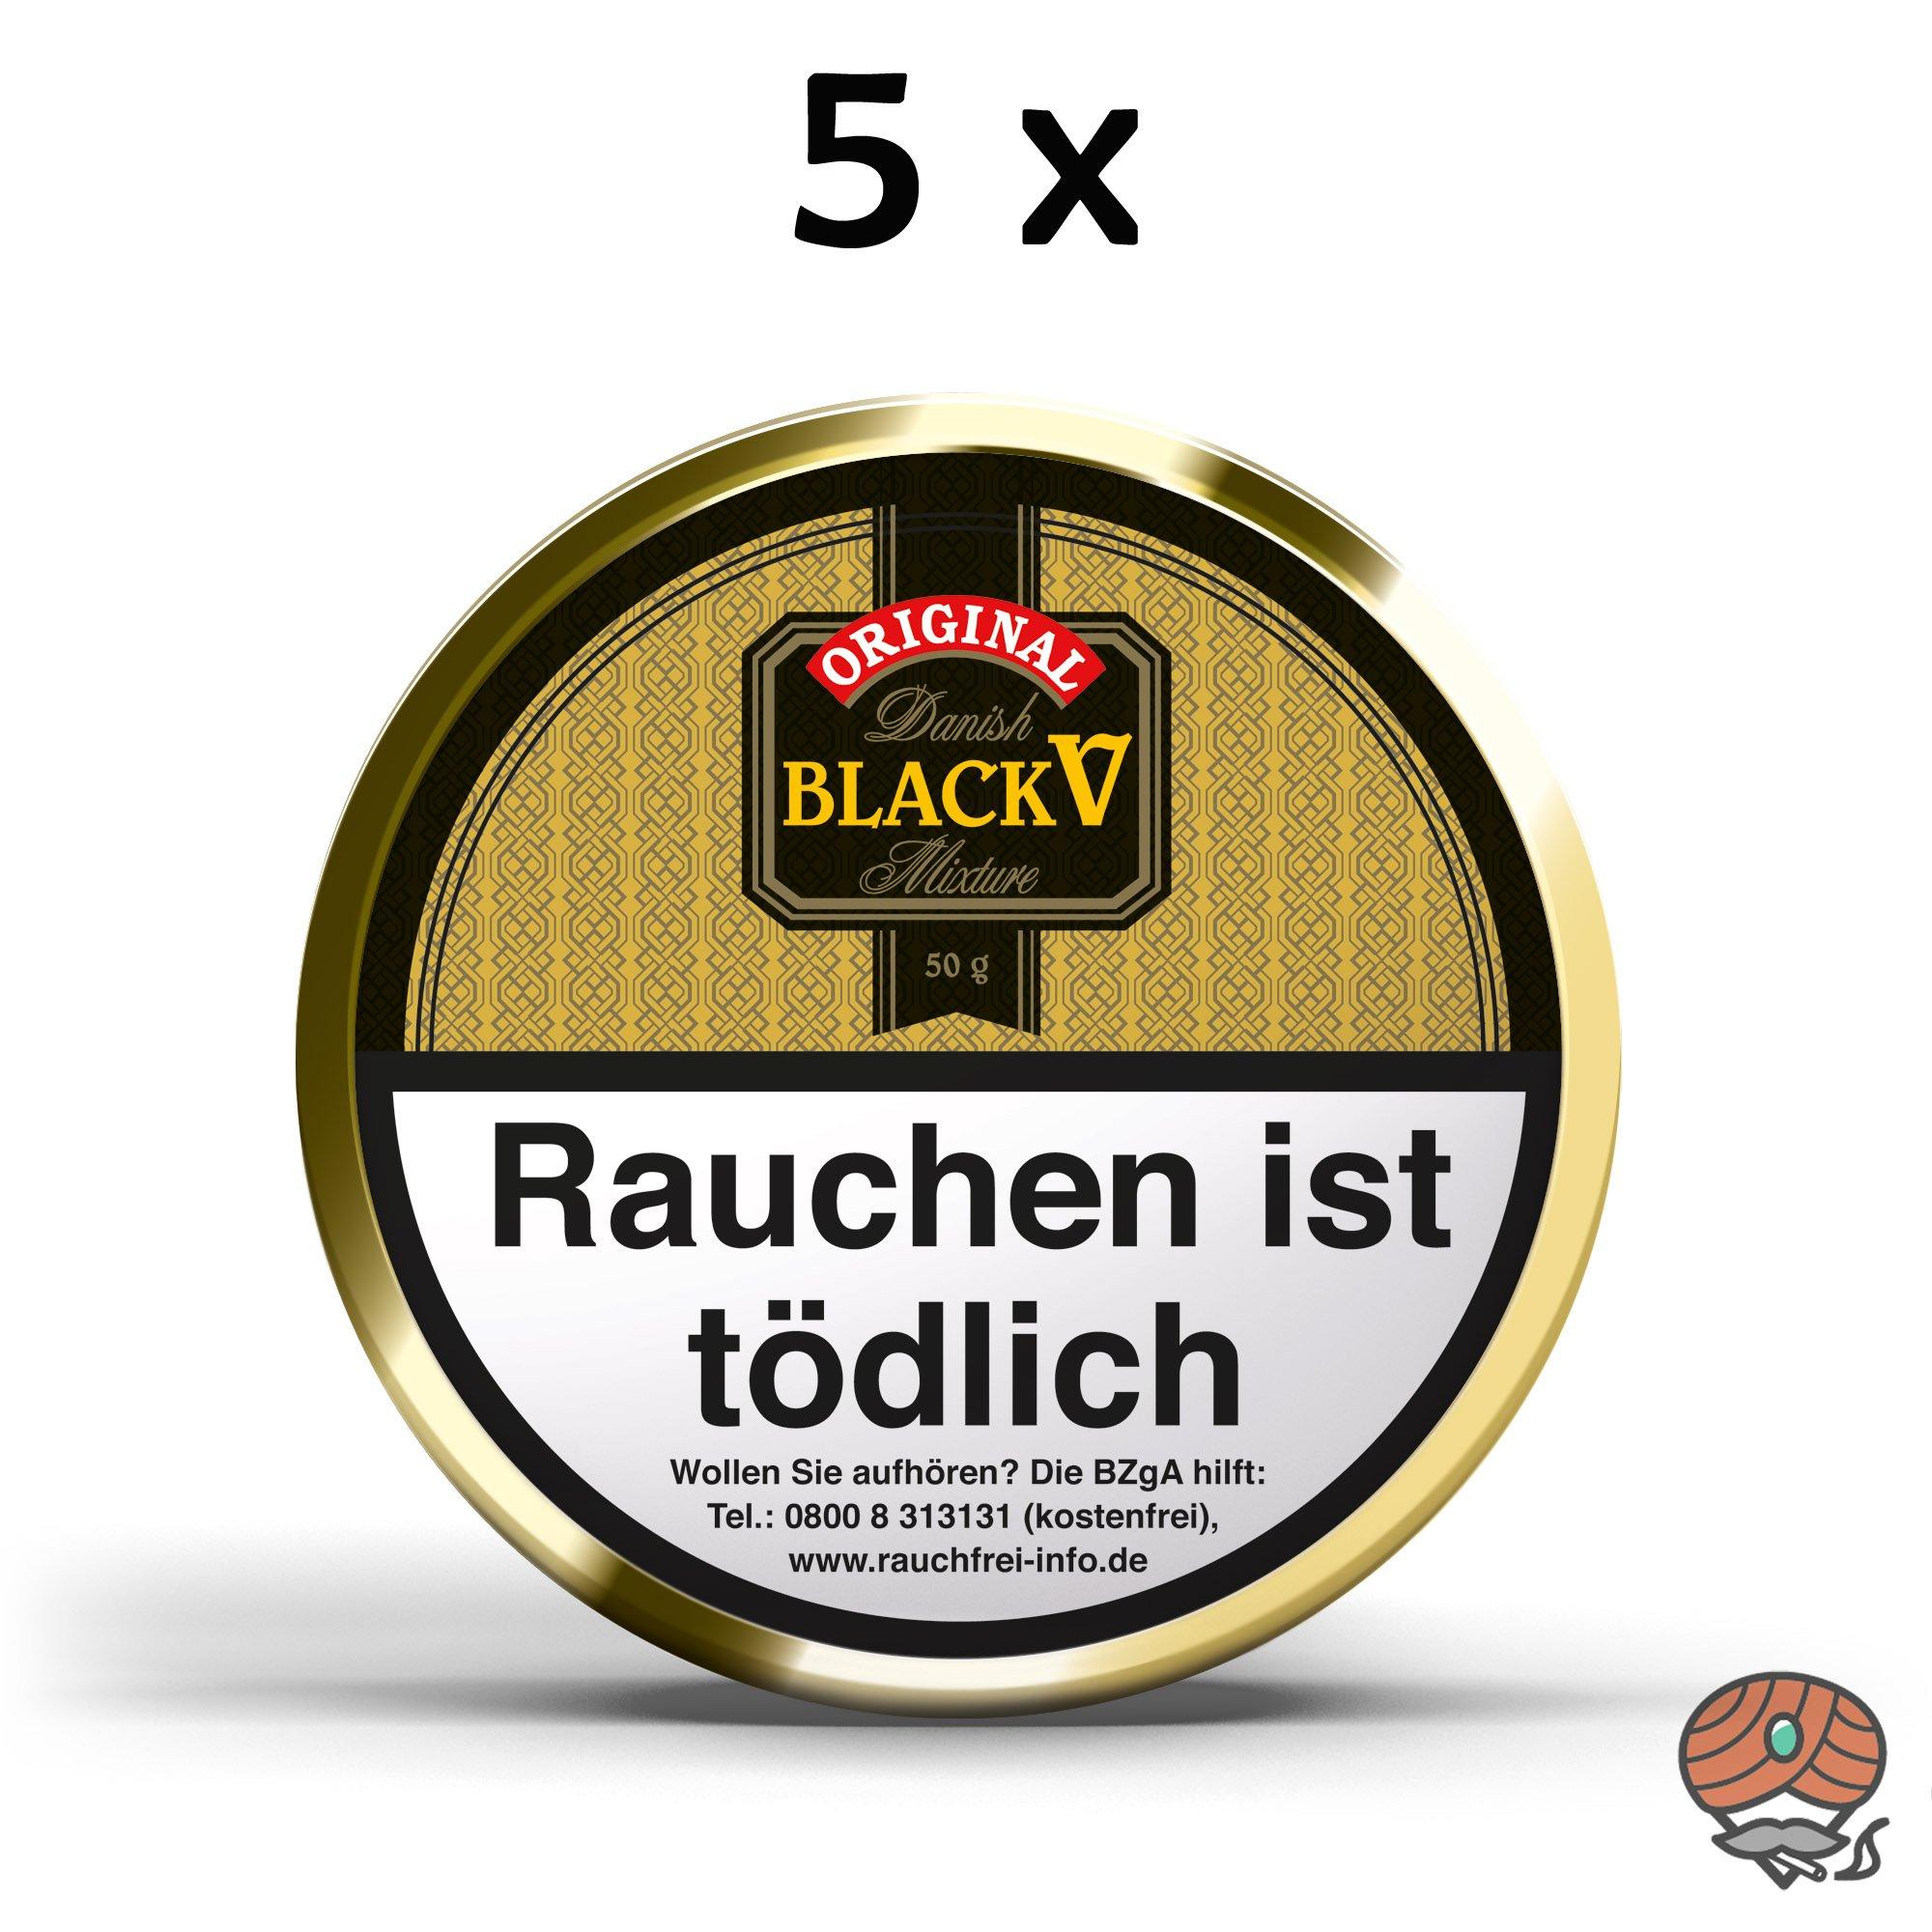 5 x Danish Black V Pfeifentabak Vanille Aroma á 50g Dosen